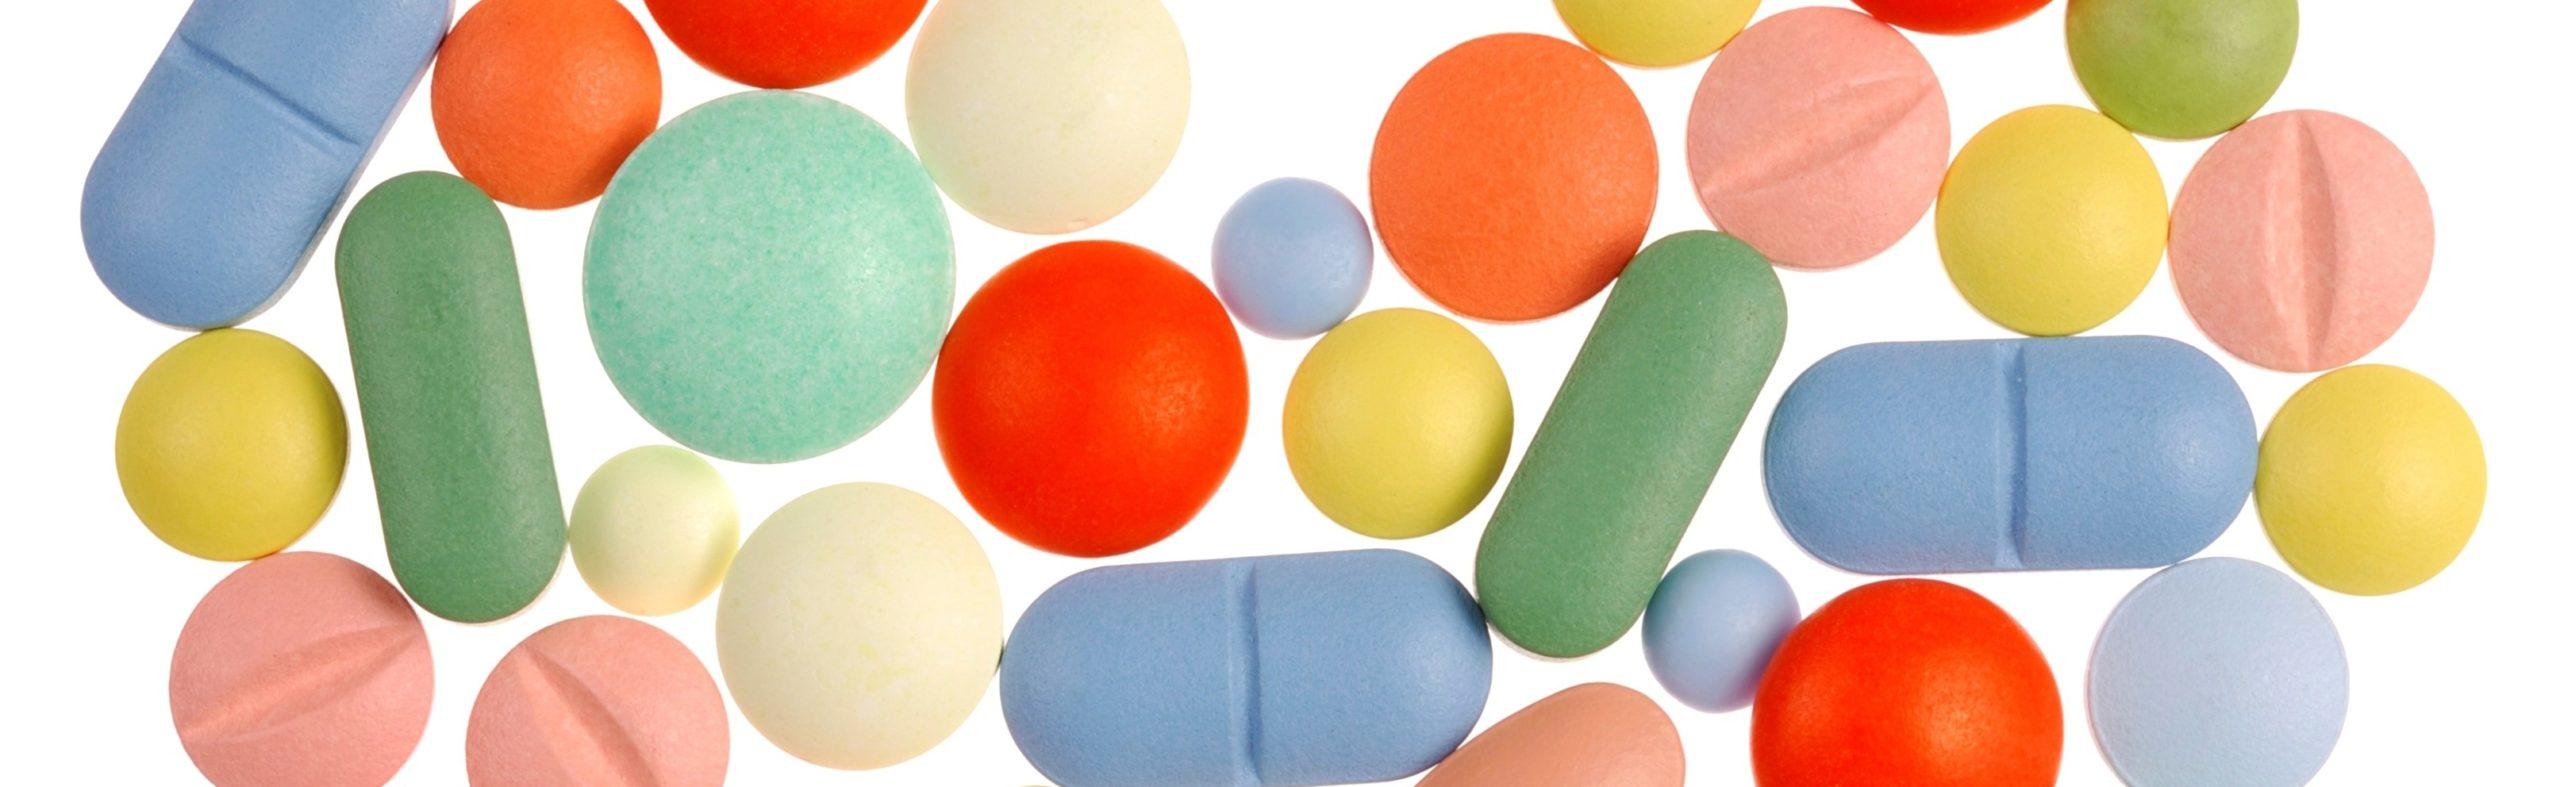 Experimentezi reacții adverse la medicamente? S-ar putea să le creezi singur